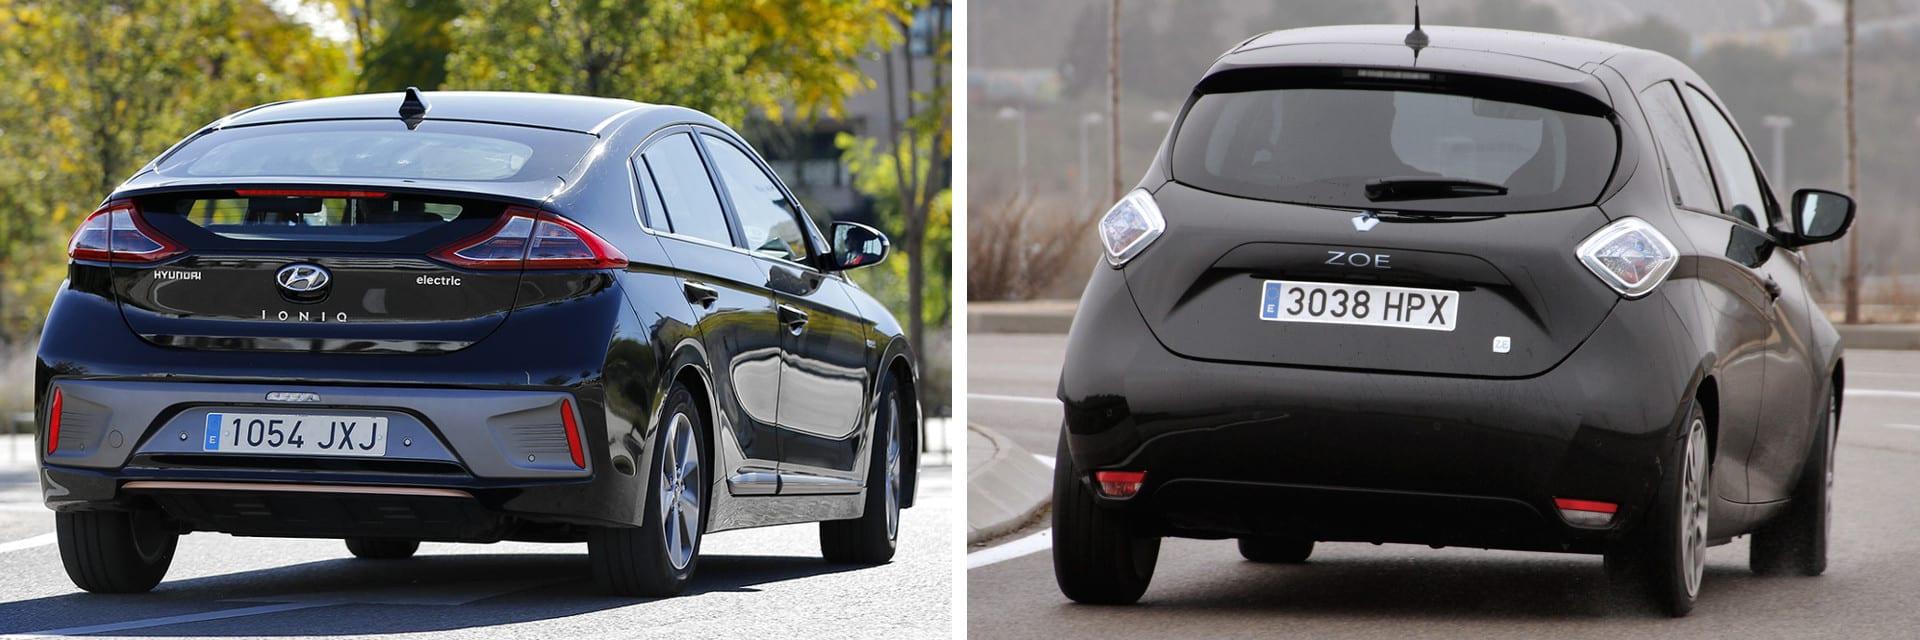 En carretera, a 120 km/h y por encima de los 15 ºC, el Hyundai (izq.) puede recorrer hasta 170 km., según nuestras mediciones. El Renault ZOE (dcha.) puede llegar hasta los 200 km.